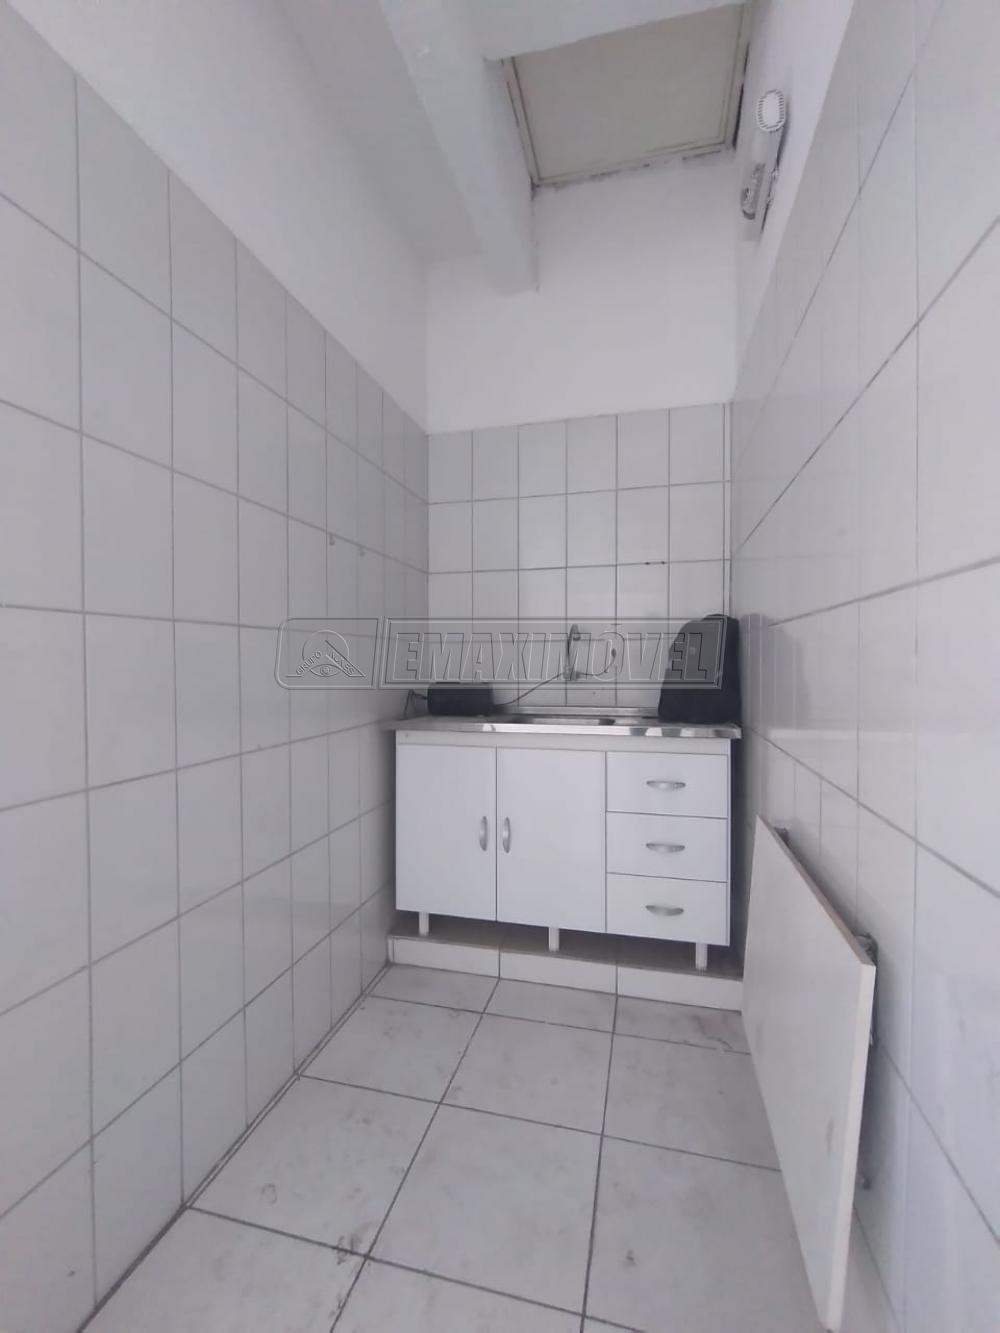 Alugar Comercial / Salas em Bairro em Sorocaba apenas R$ 4.000,00 - Foto 13